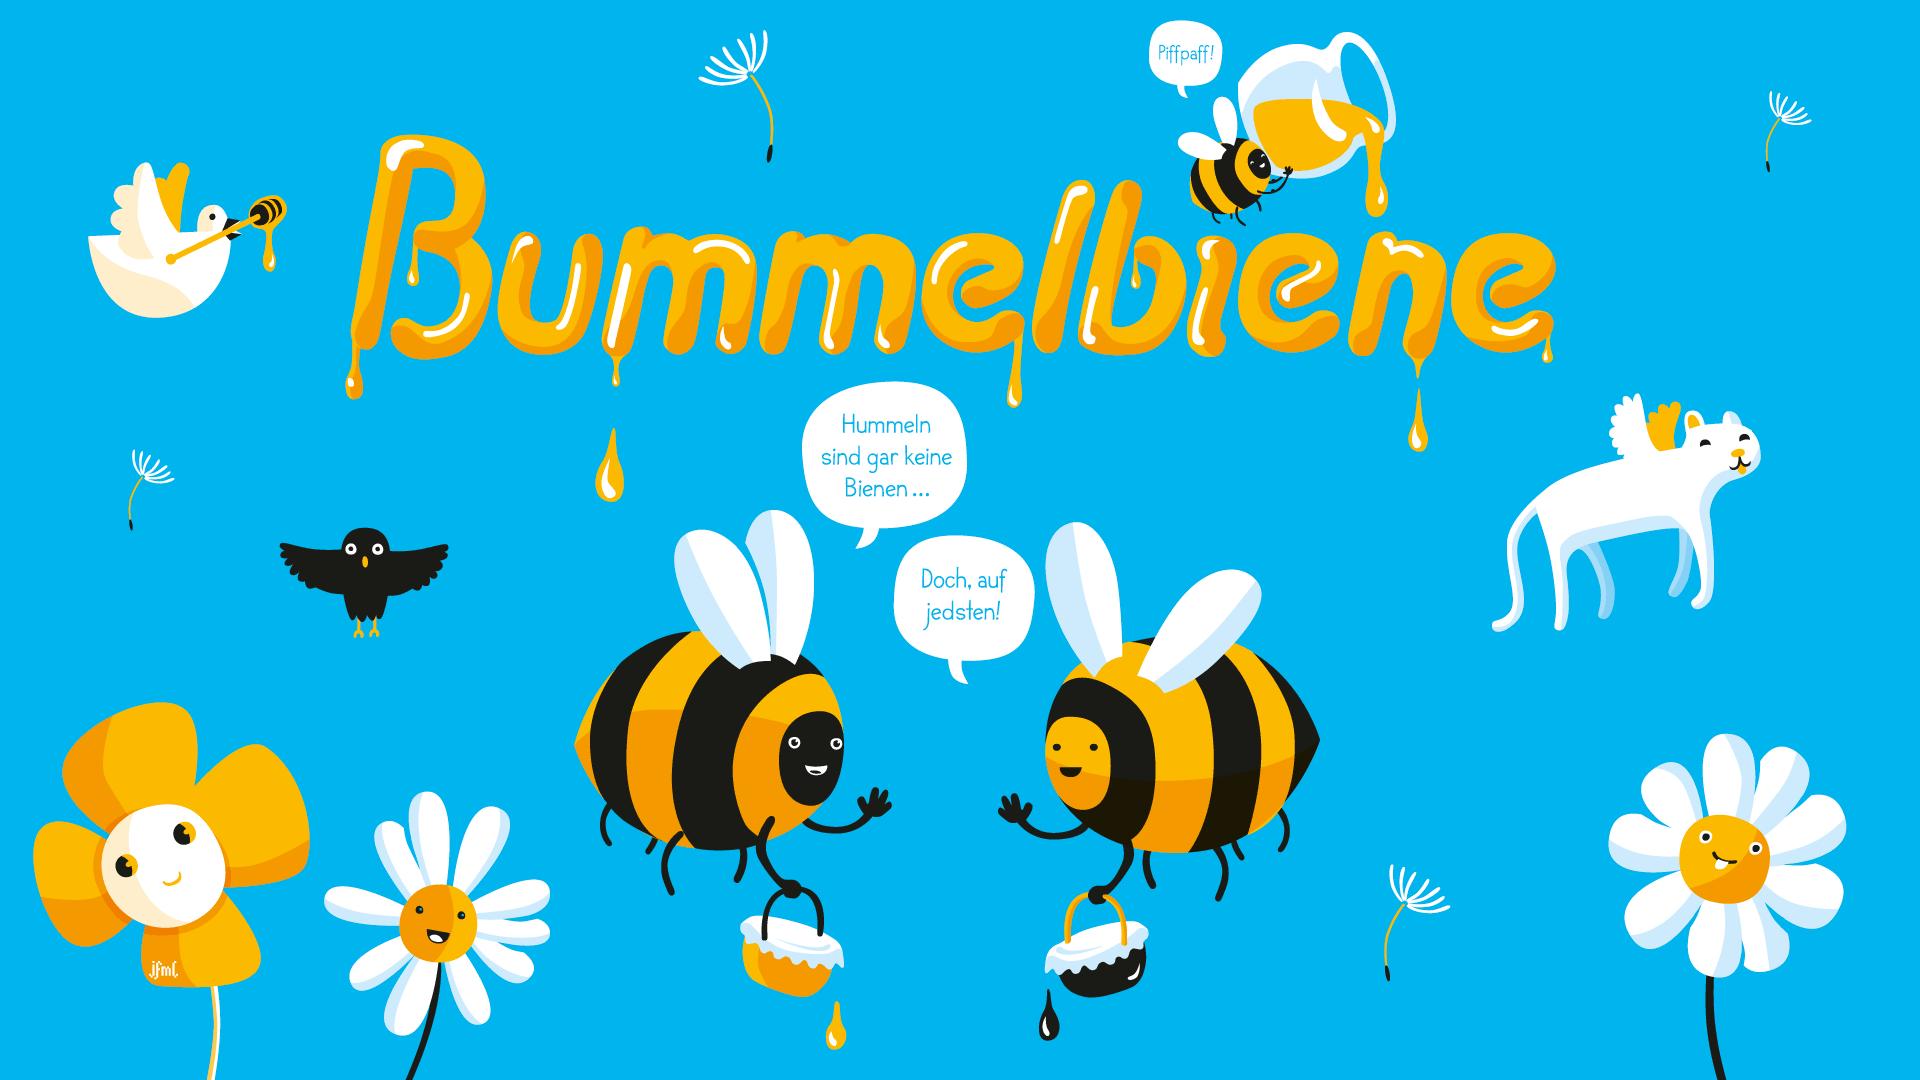 jfml-Bummelbiene-02-03